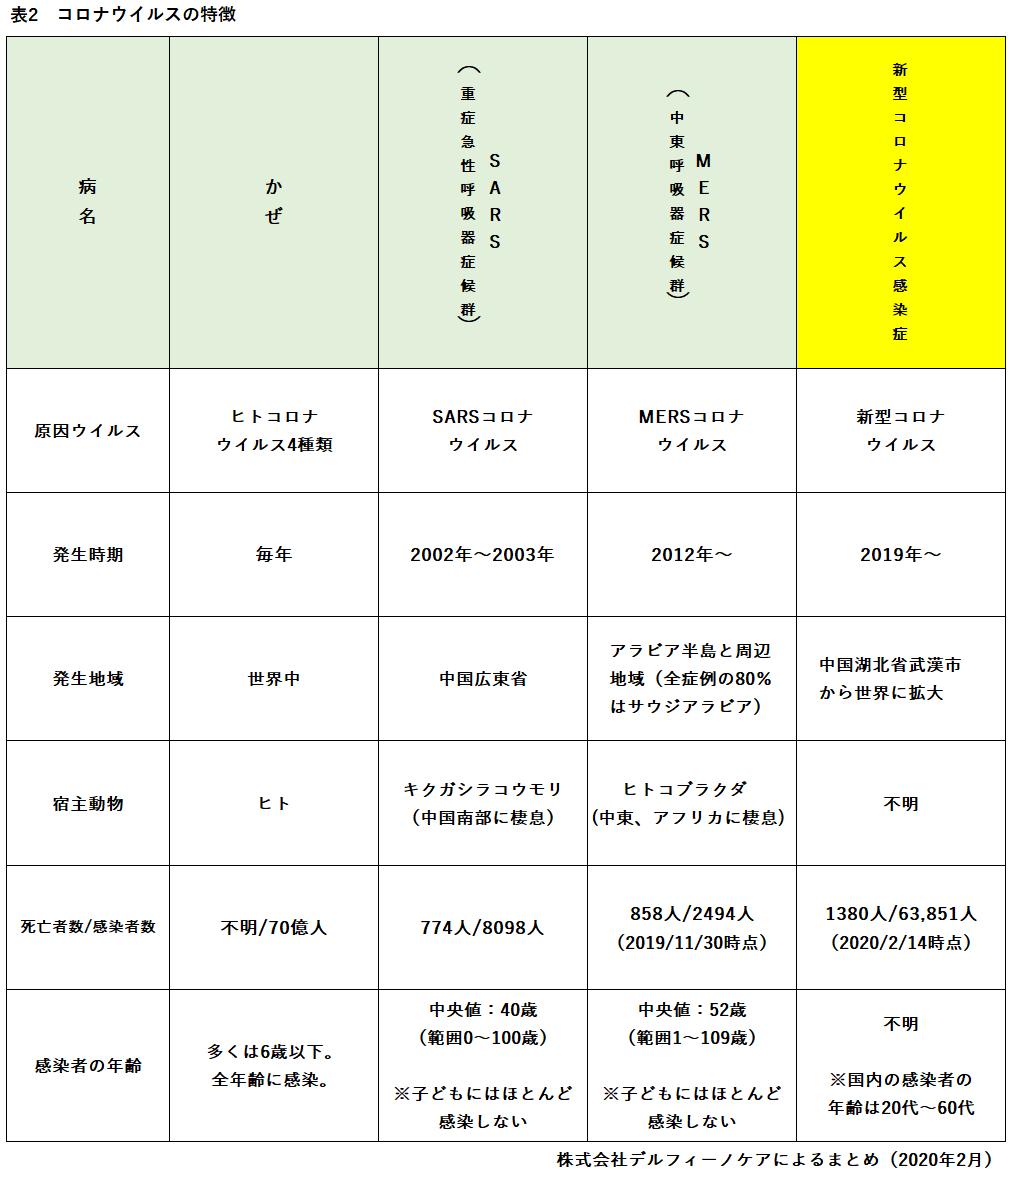 コロナウイルスの特徴を表に整理した画像です。